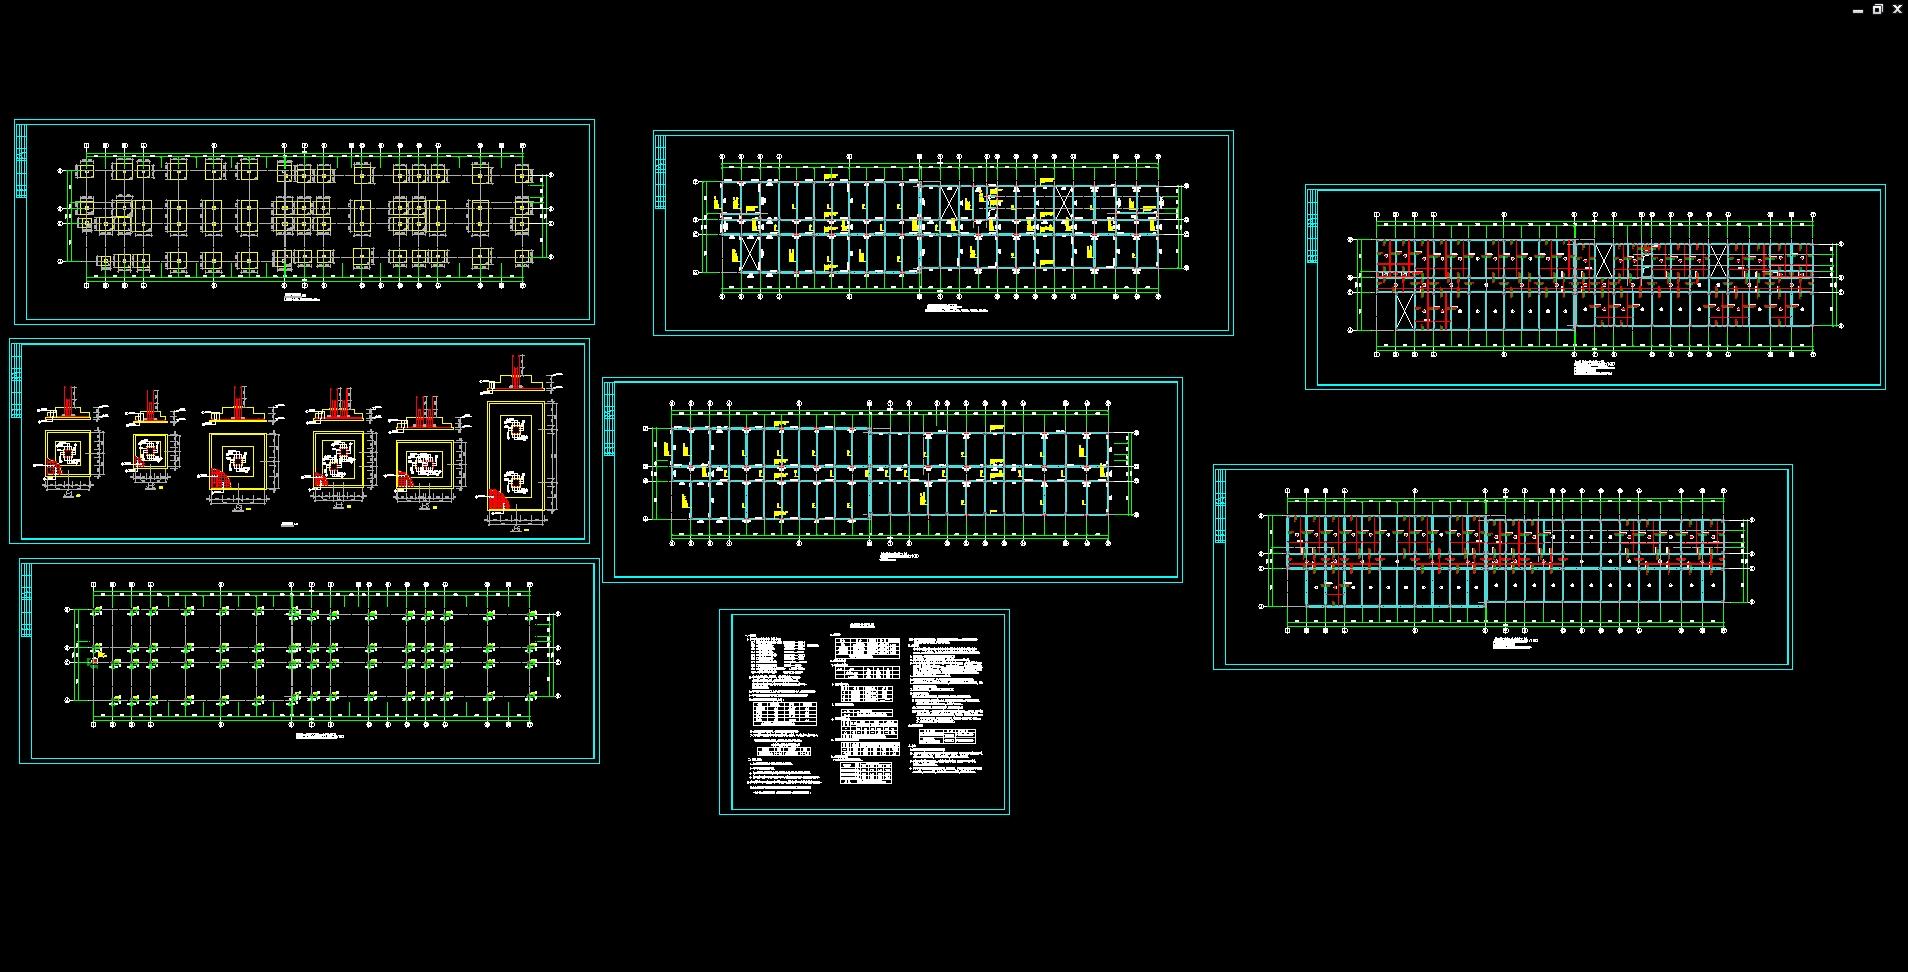 沈阳市七层10633平米某中学教学楼设计(建筑图,结构图)(开题报告,计算书24000字,建筑图9张,结构图7张) 本设计沈阳市大东区某中学教学楼设计。该大楼层数为7层,主框架高度为27.3m,结构类型为钢筋混凝土框架结构。 1.1 设计原始资料 1.1.1 工程概况 该工程主体为现浇钢筋混凝土框架结构,建筑面积10633.